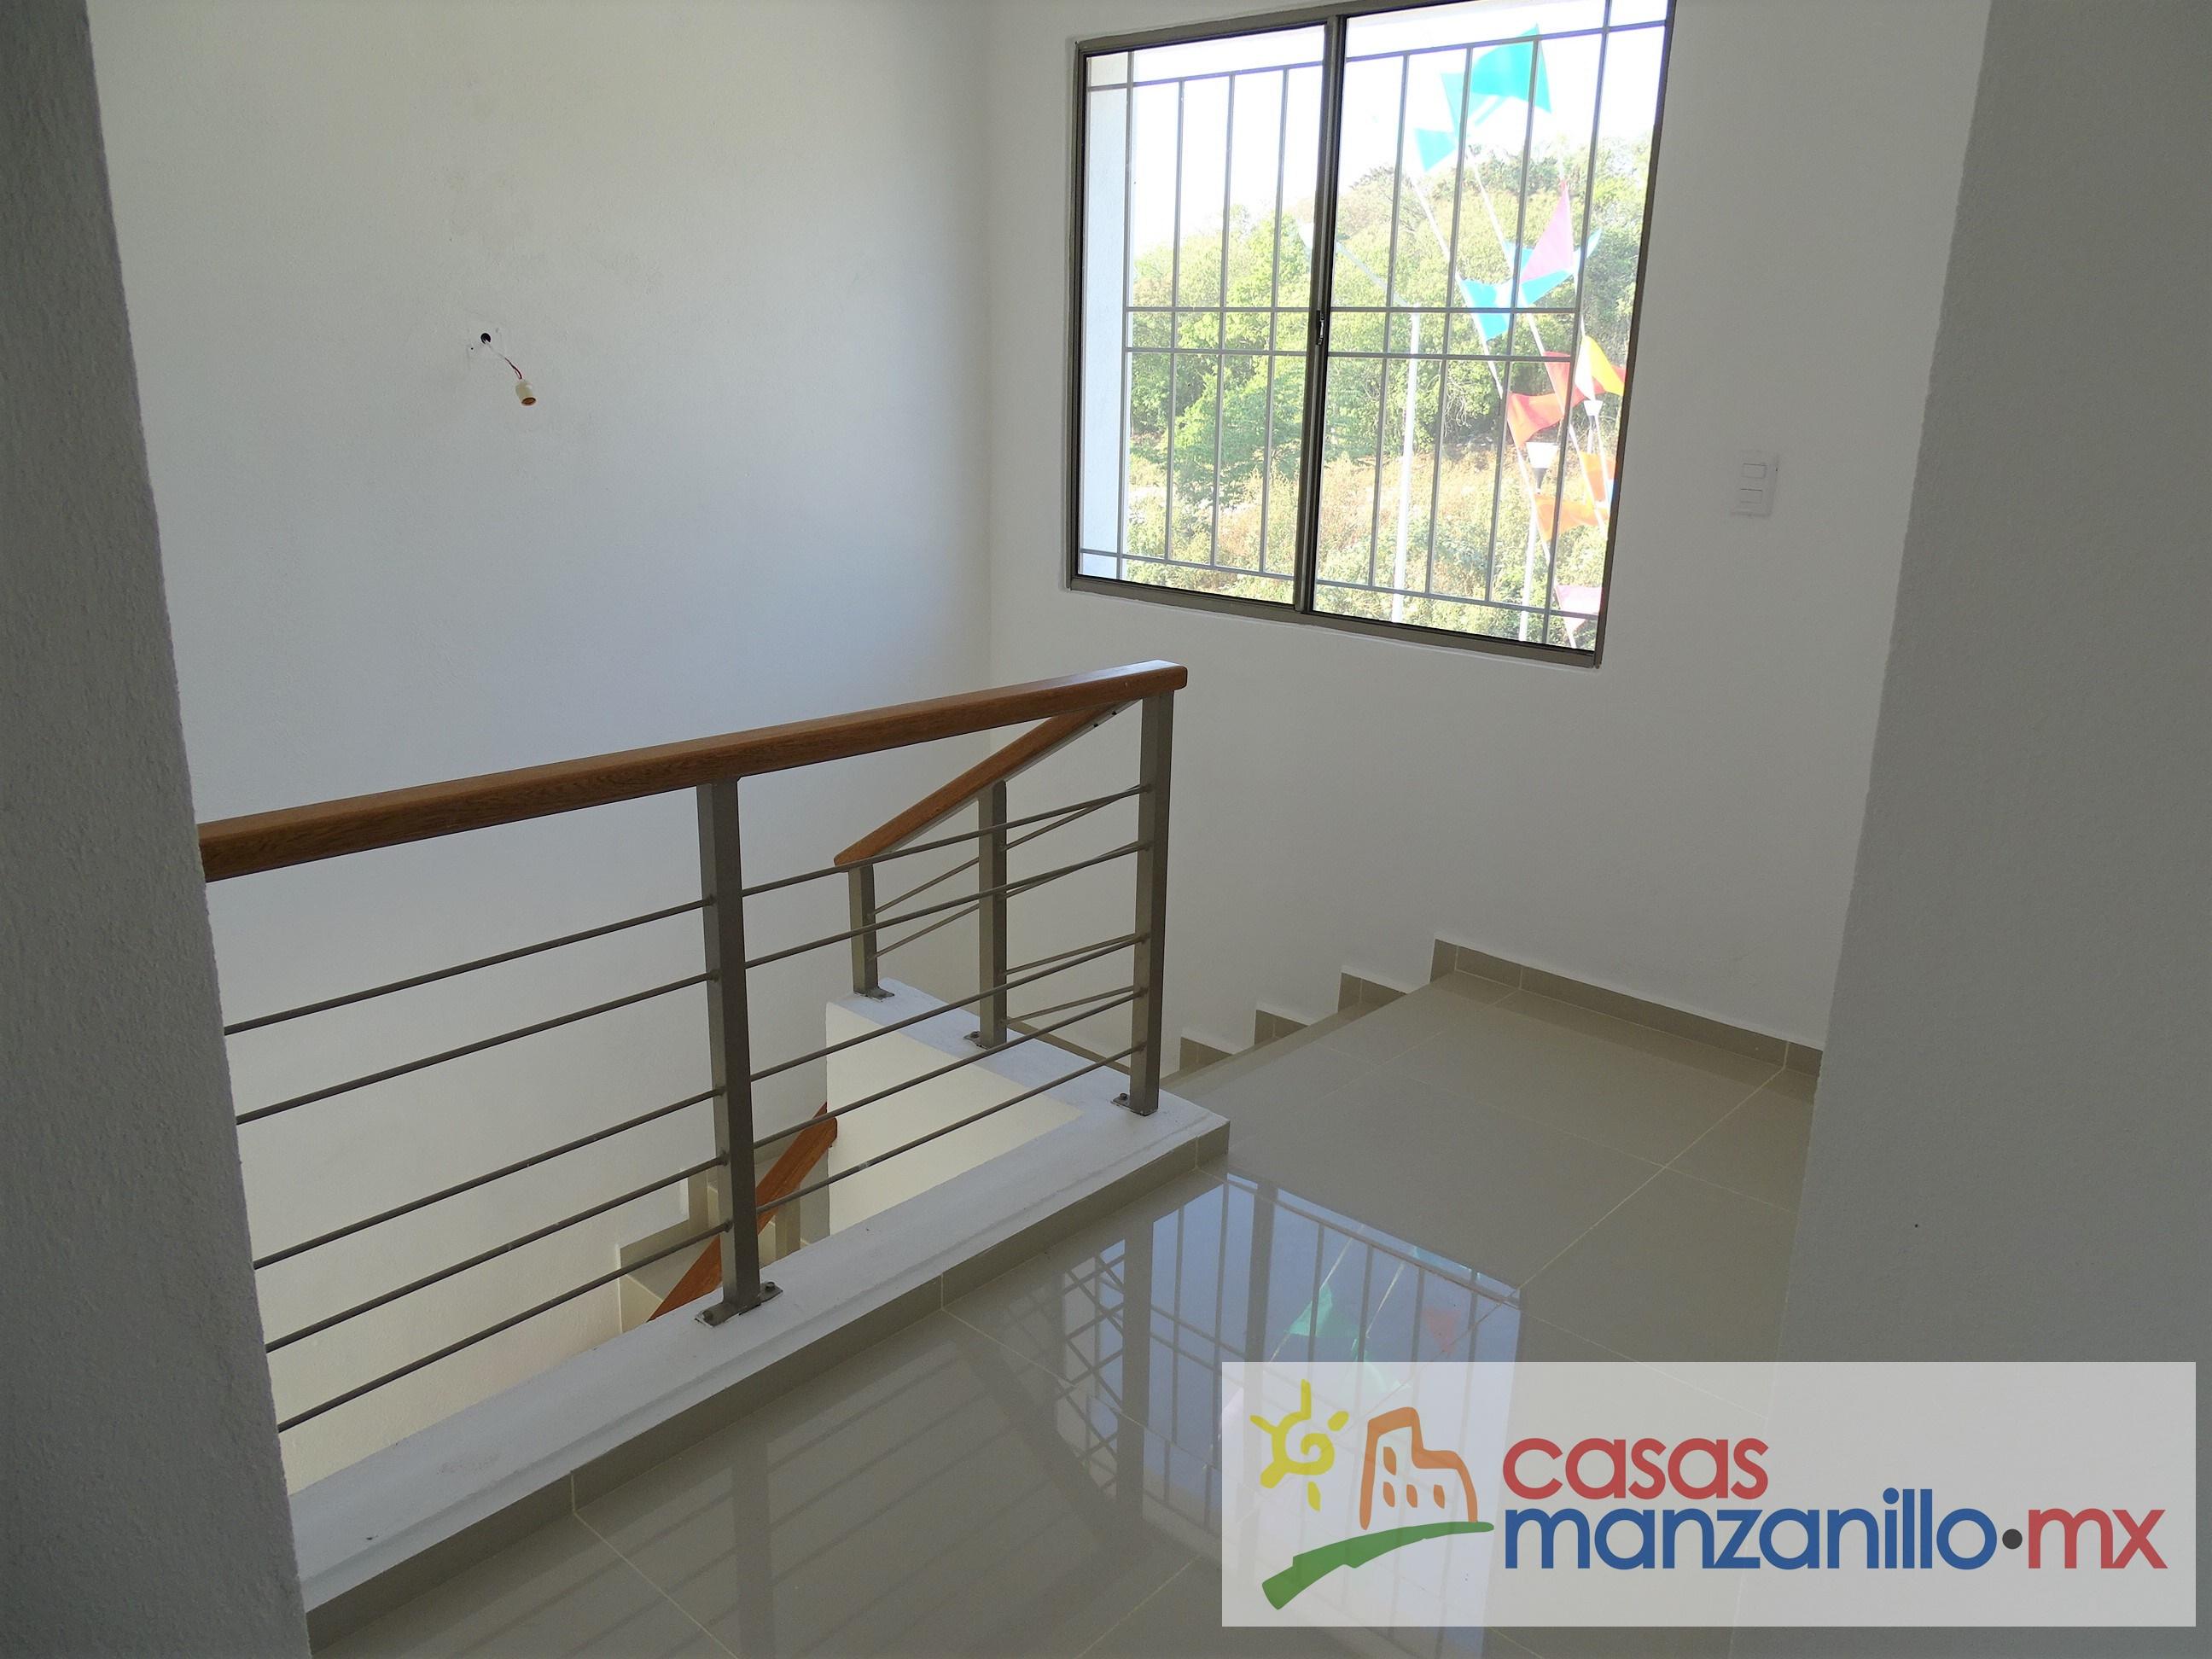 Casas Venta Manzanillo - Los Altos (32).